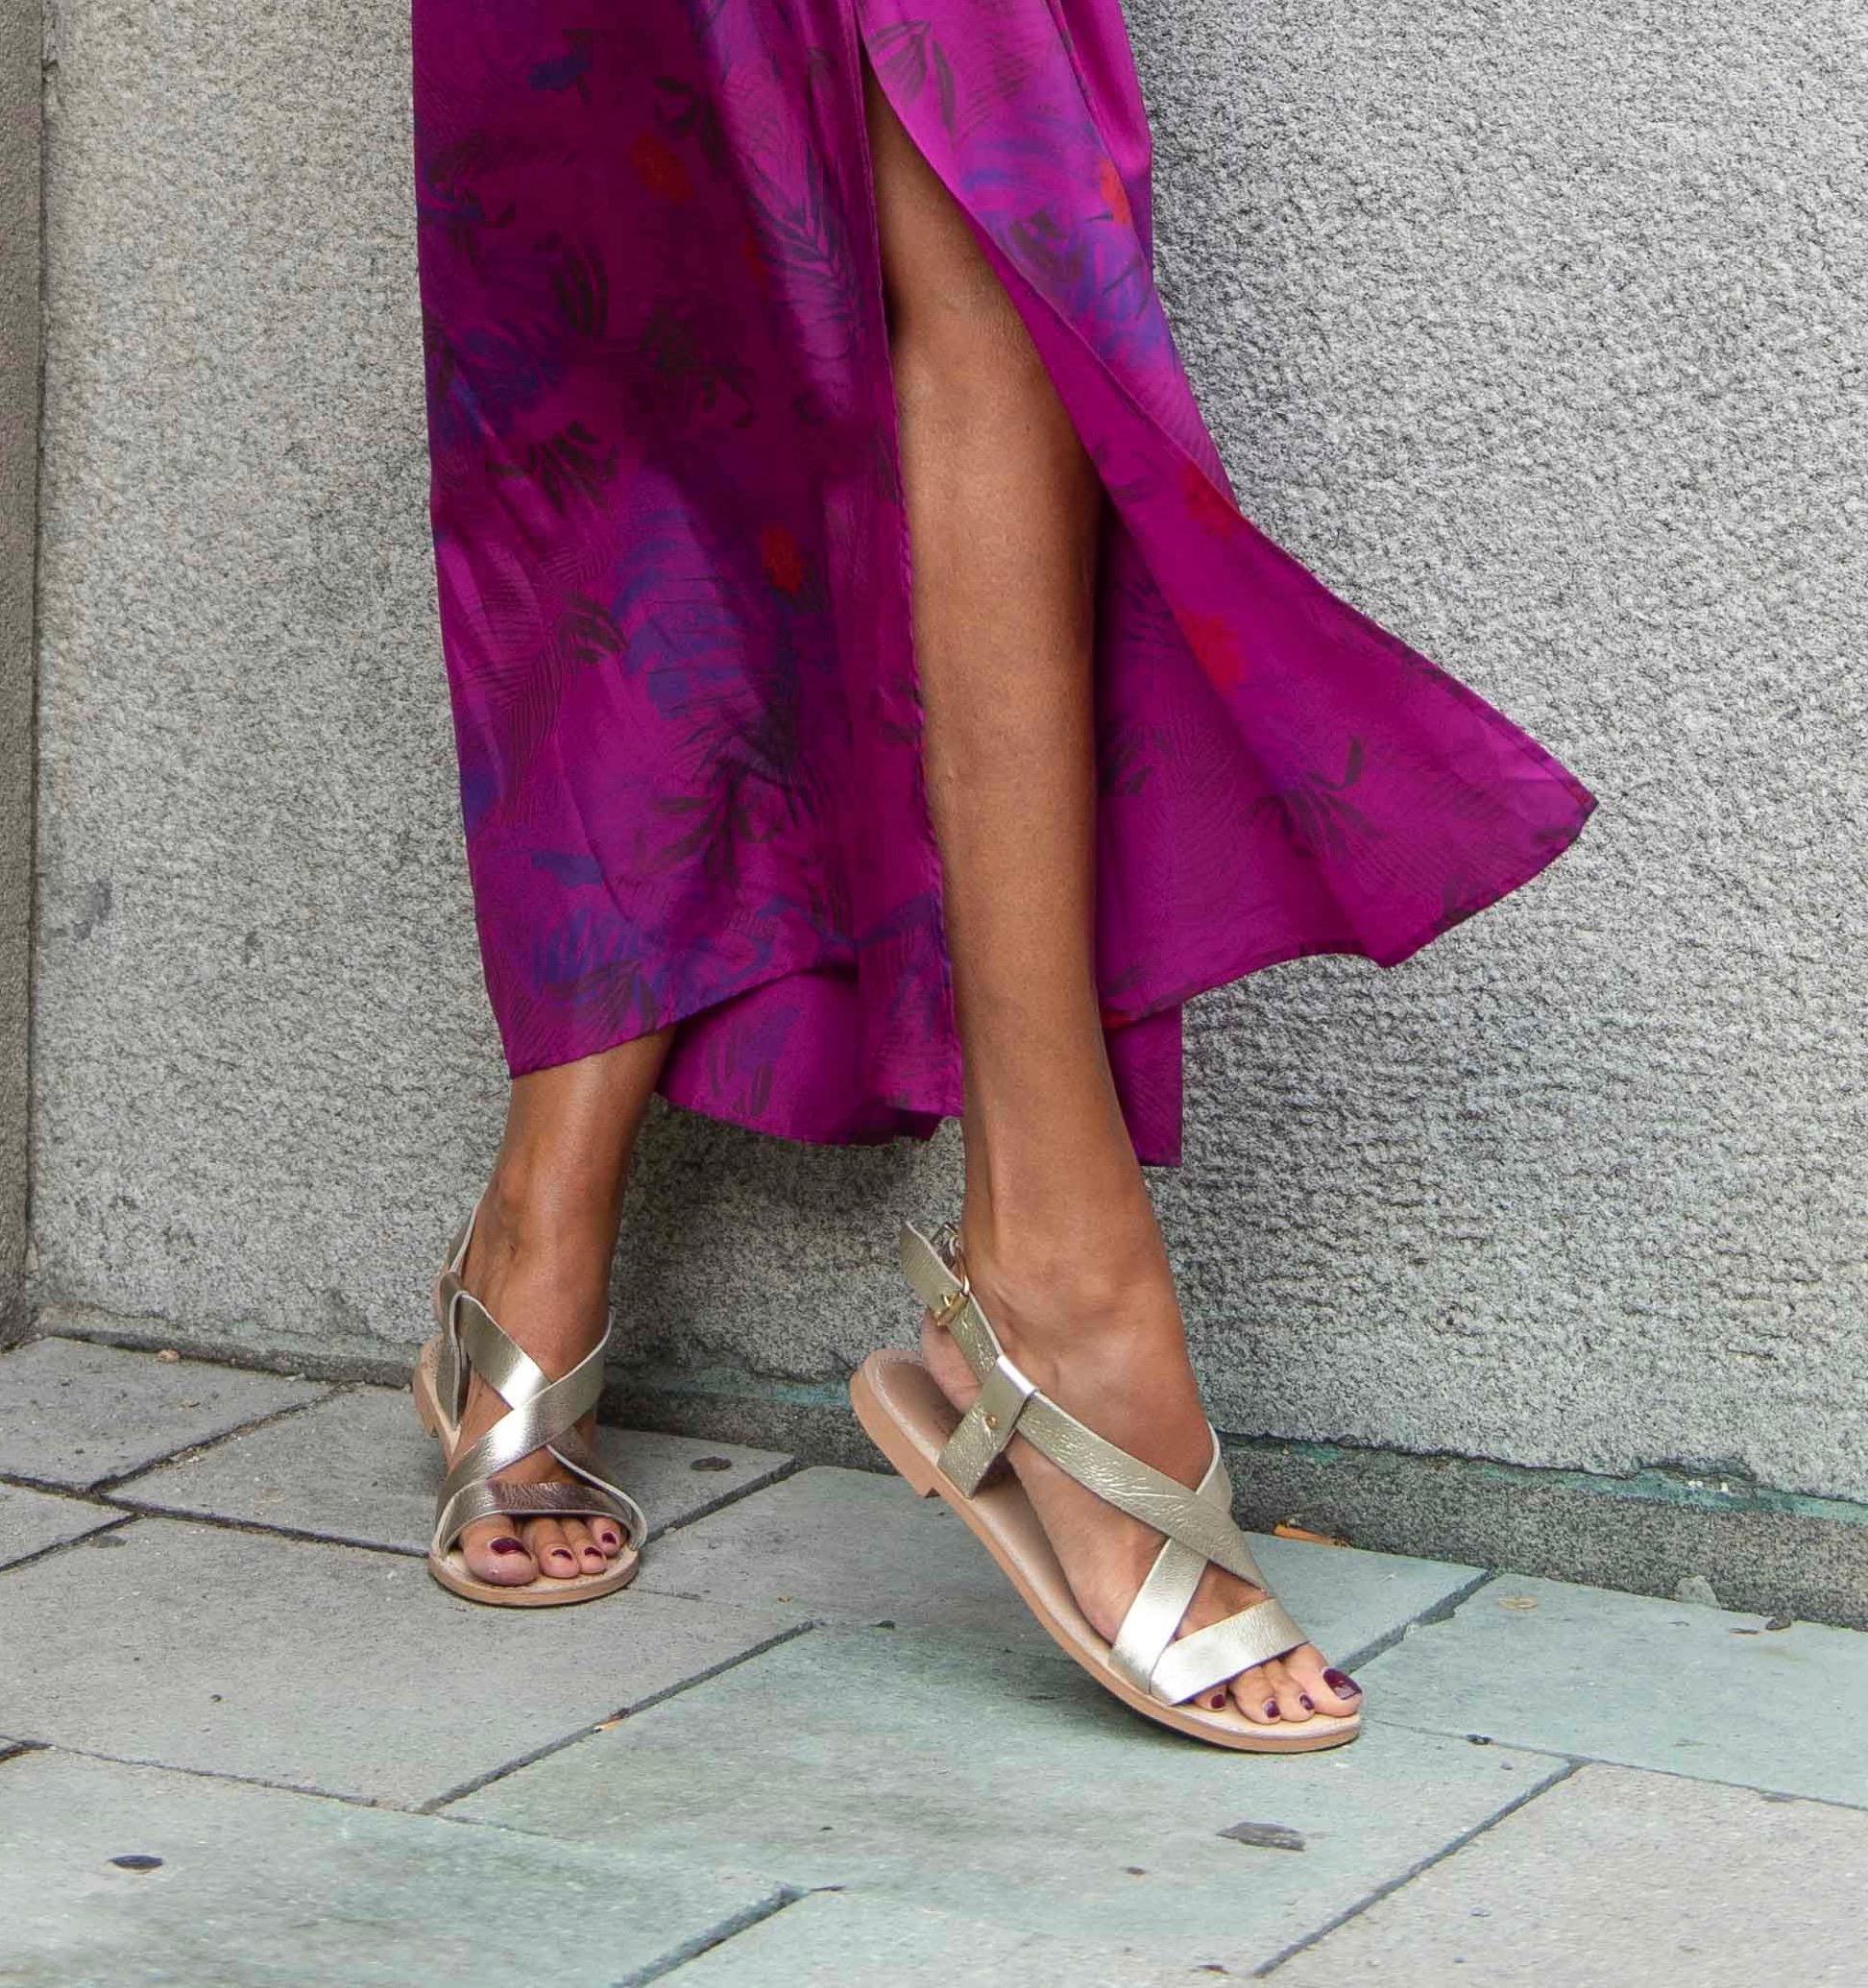 Blog für Frauen über 50 BeFifty Was anziehen, wenn es richtig heiß wird? Zadig&Voltaire Kleid Schuhe IvyLee Copenhagen Ruby Store München